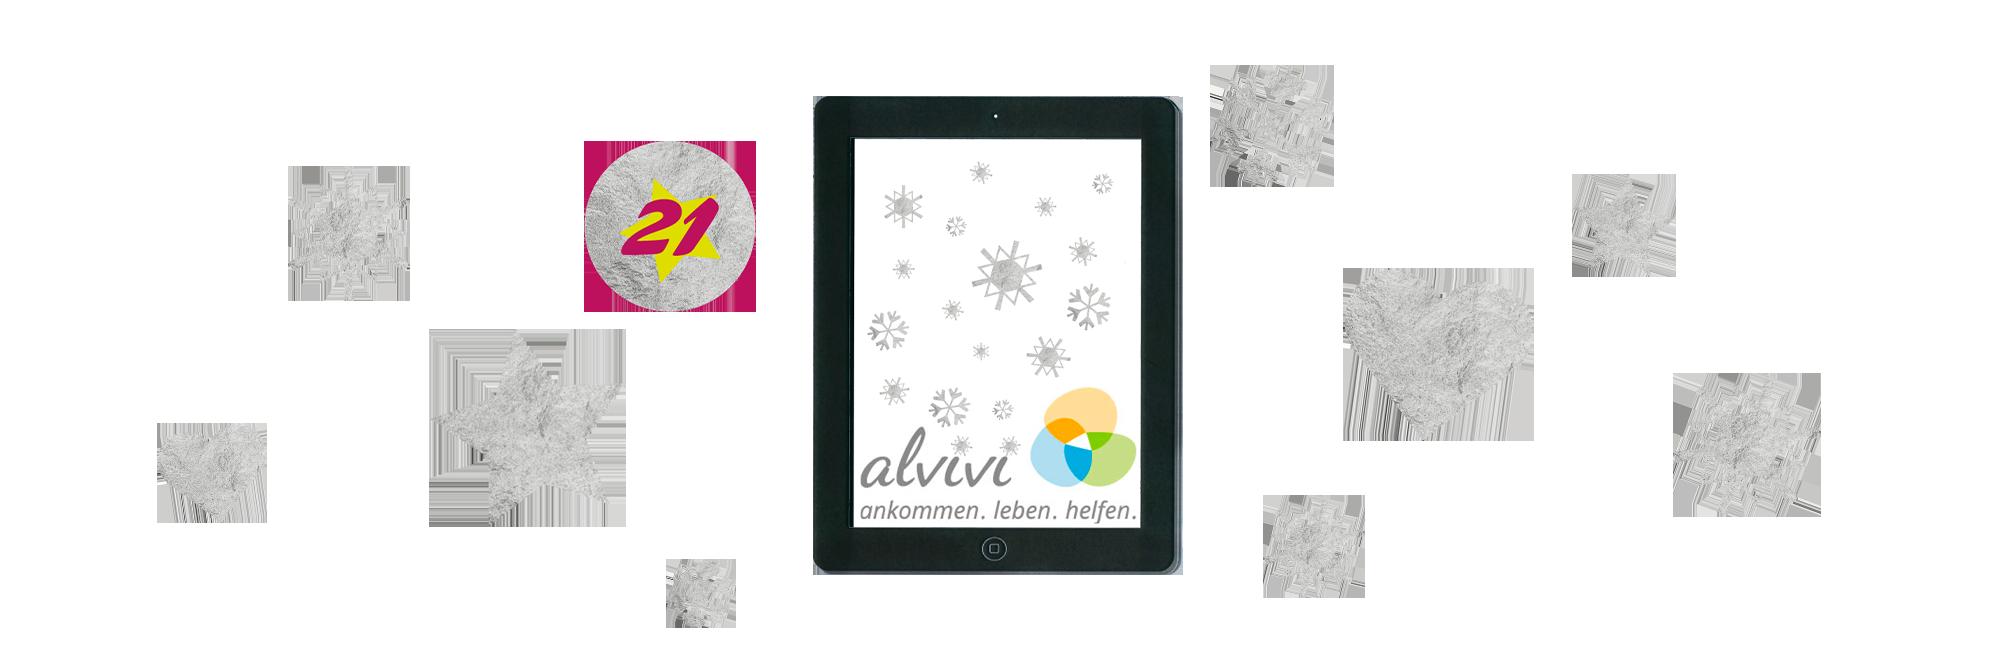 Integration durch praktische Medienarbeit: alvivi